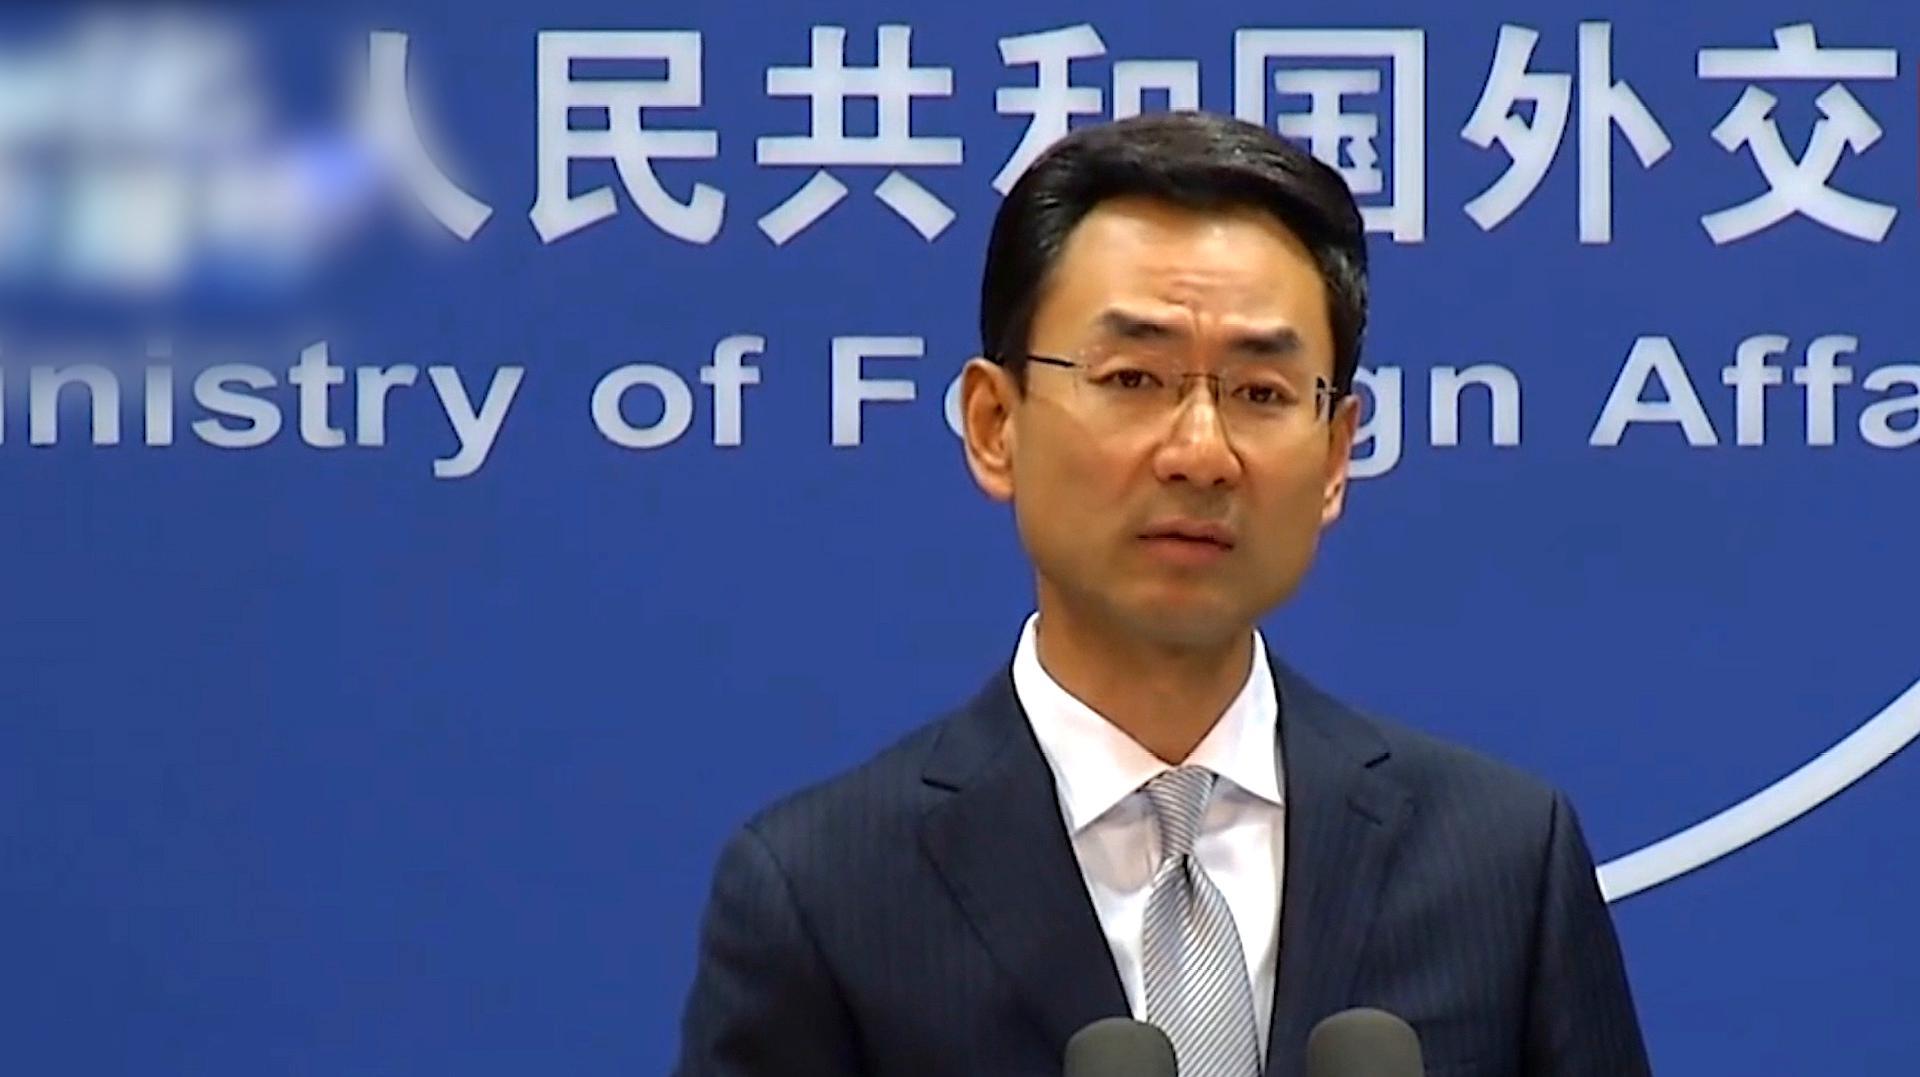 苹果上架地图APP被指有利于香港抗议者活动 外交部回应